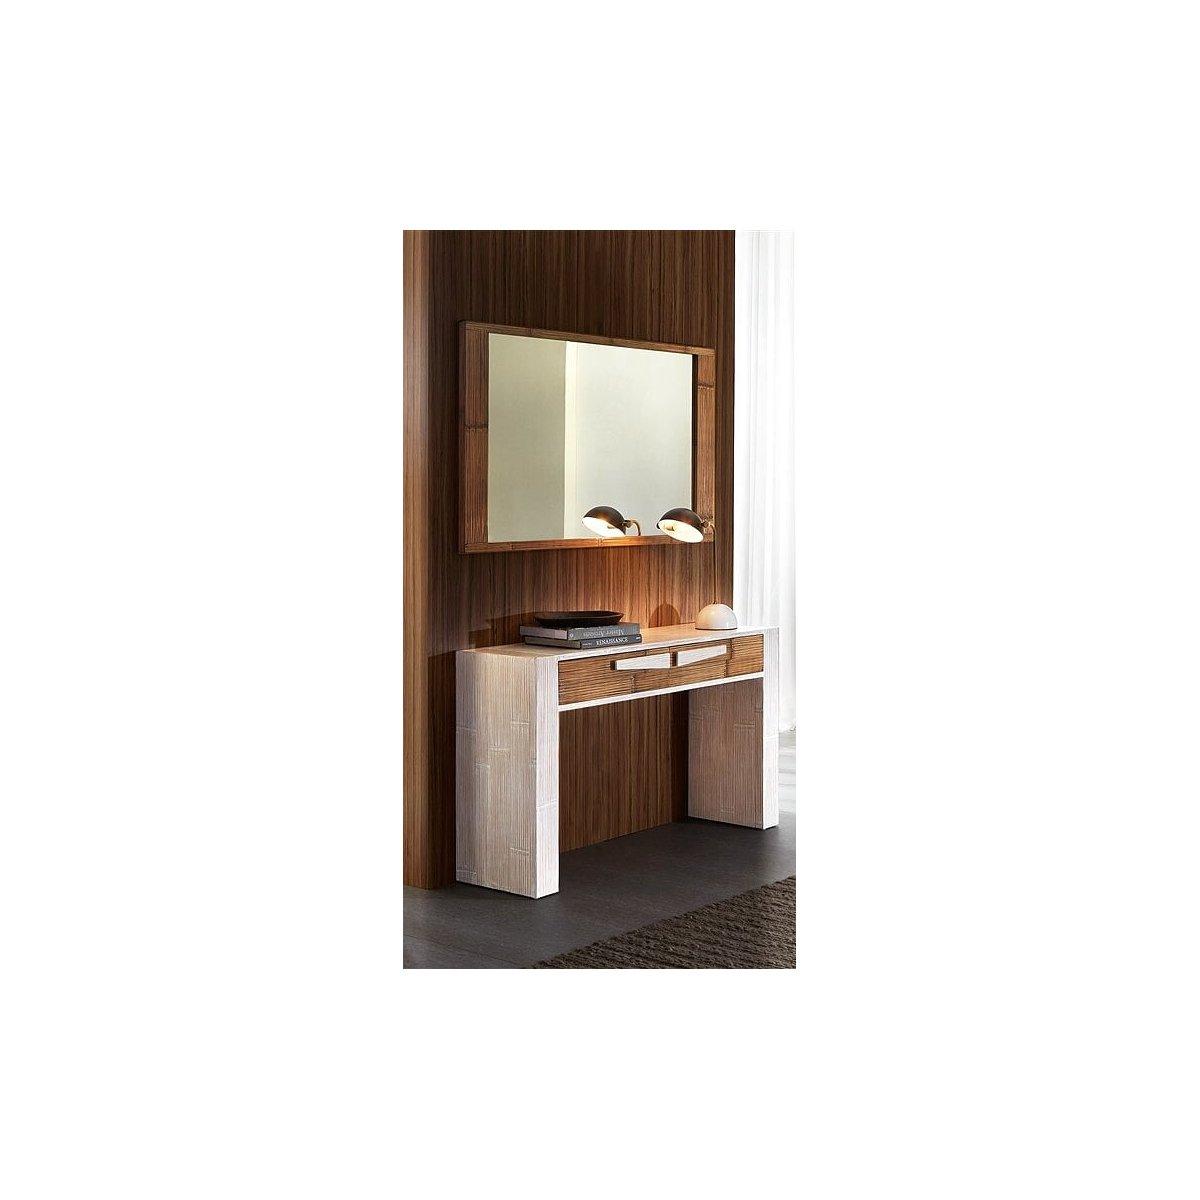 consolle e specchio Miring